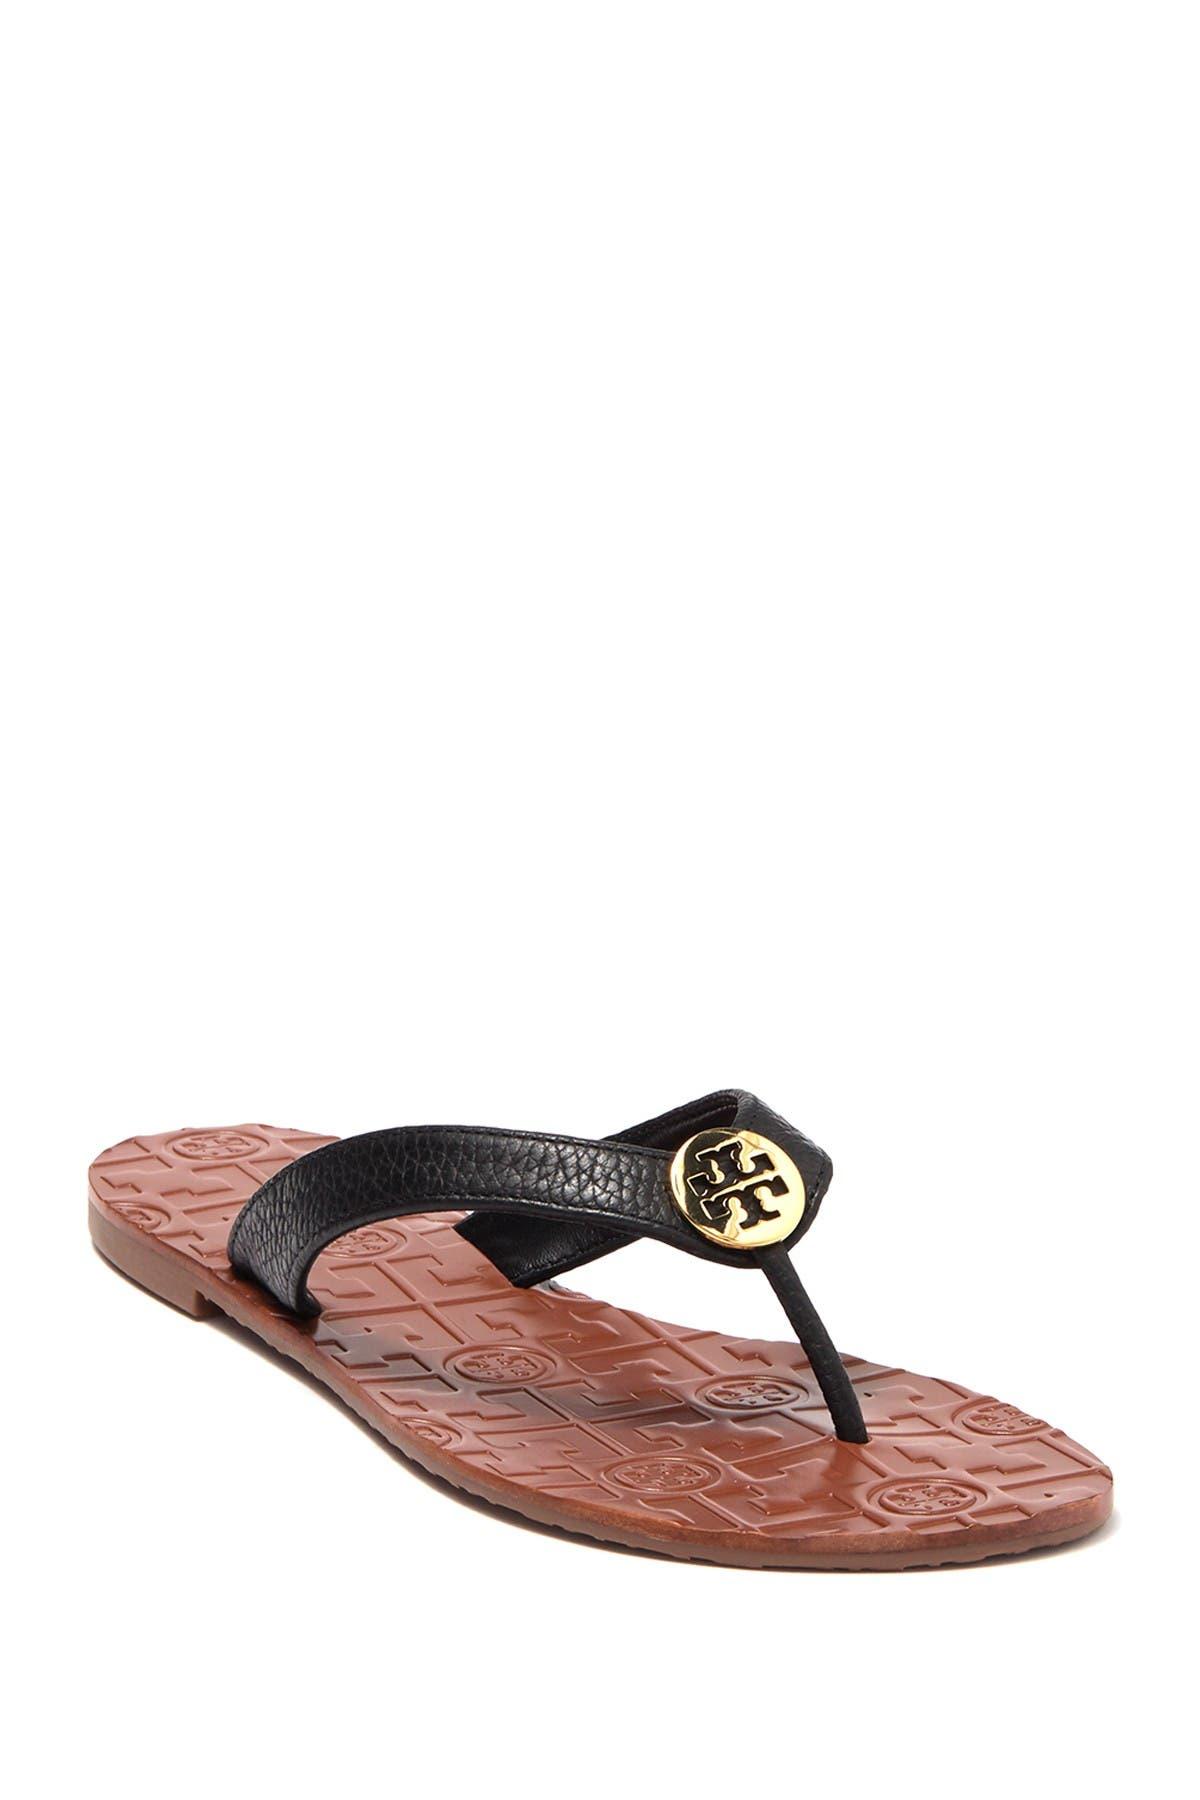 Tory Burch   Throa Embossed Sandal